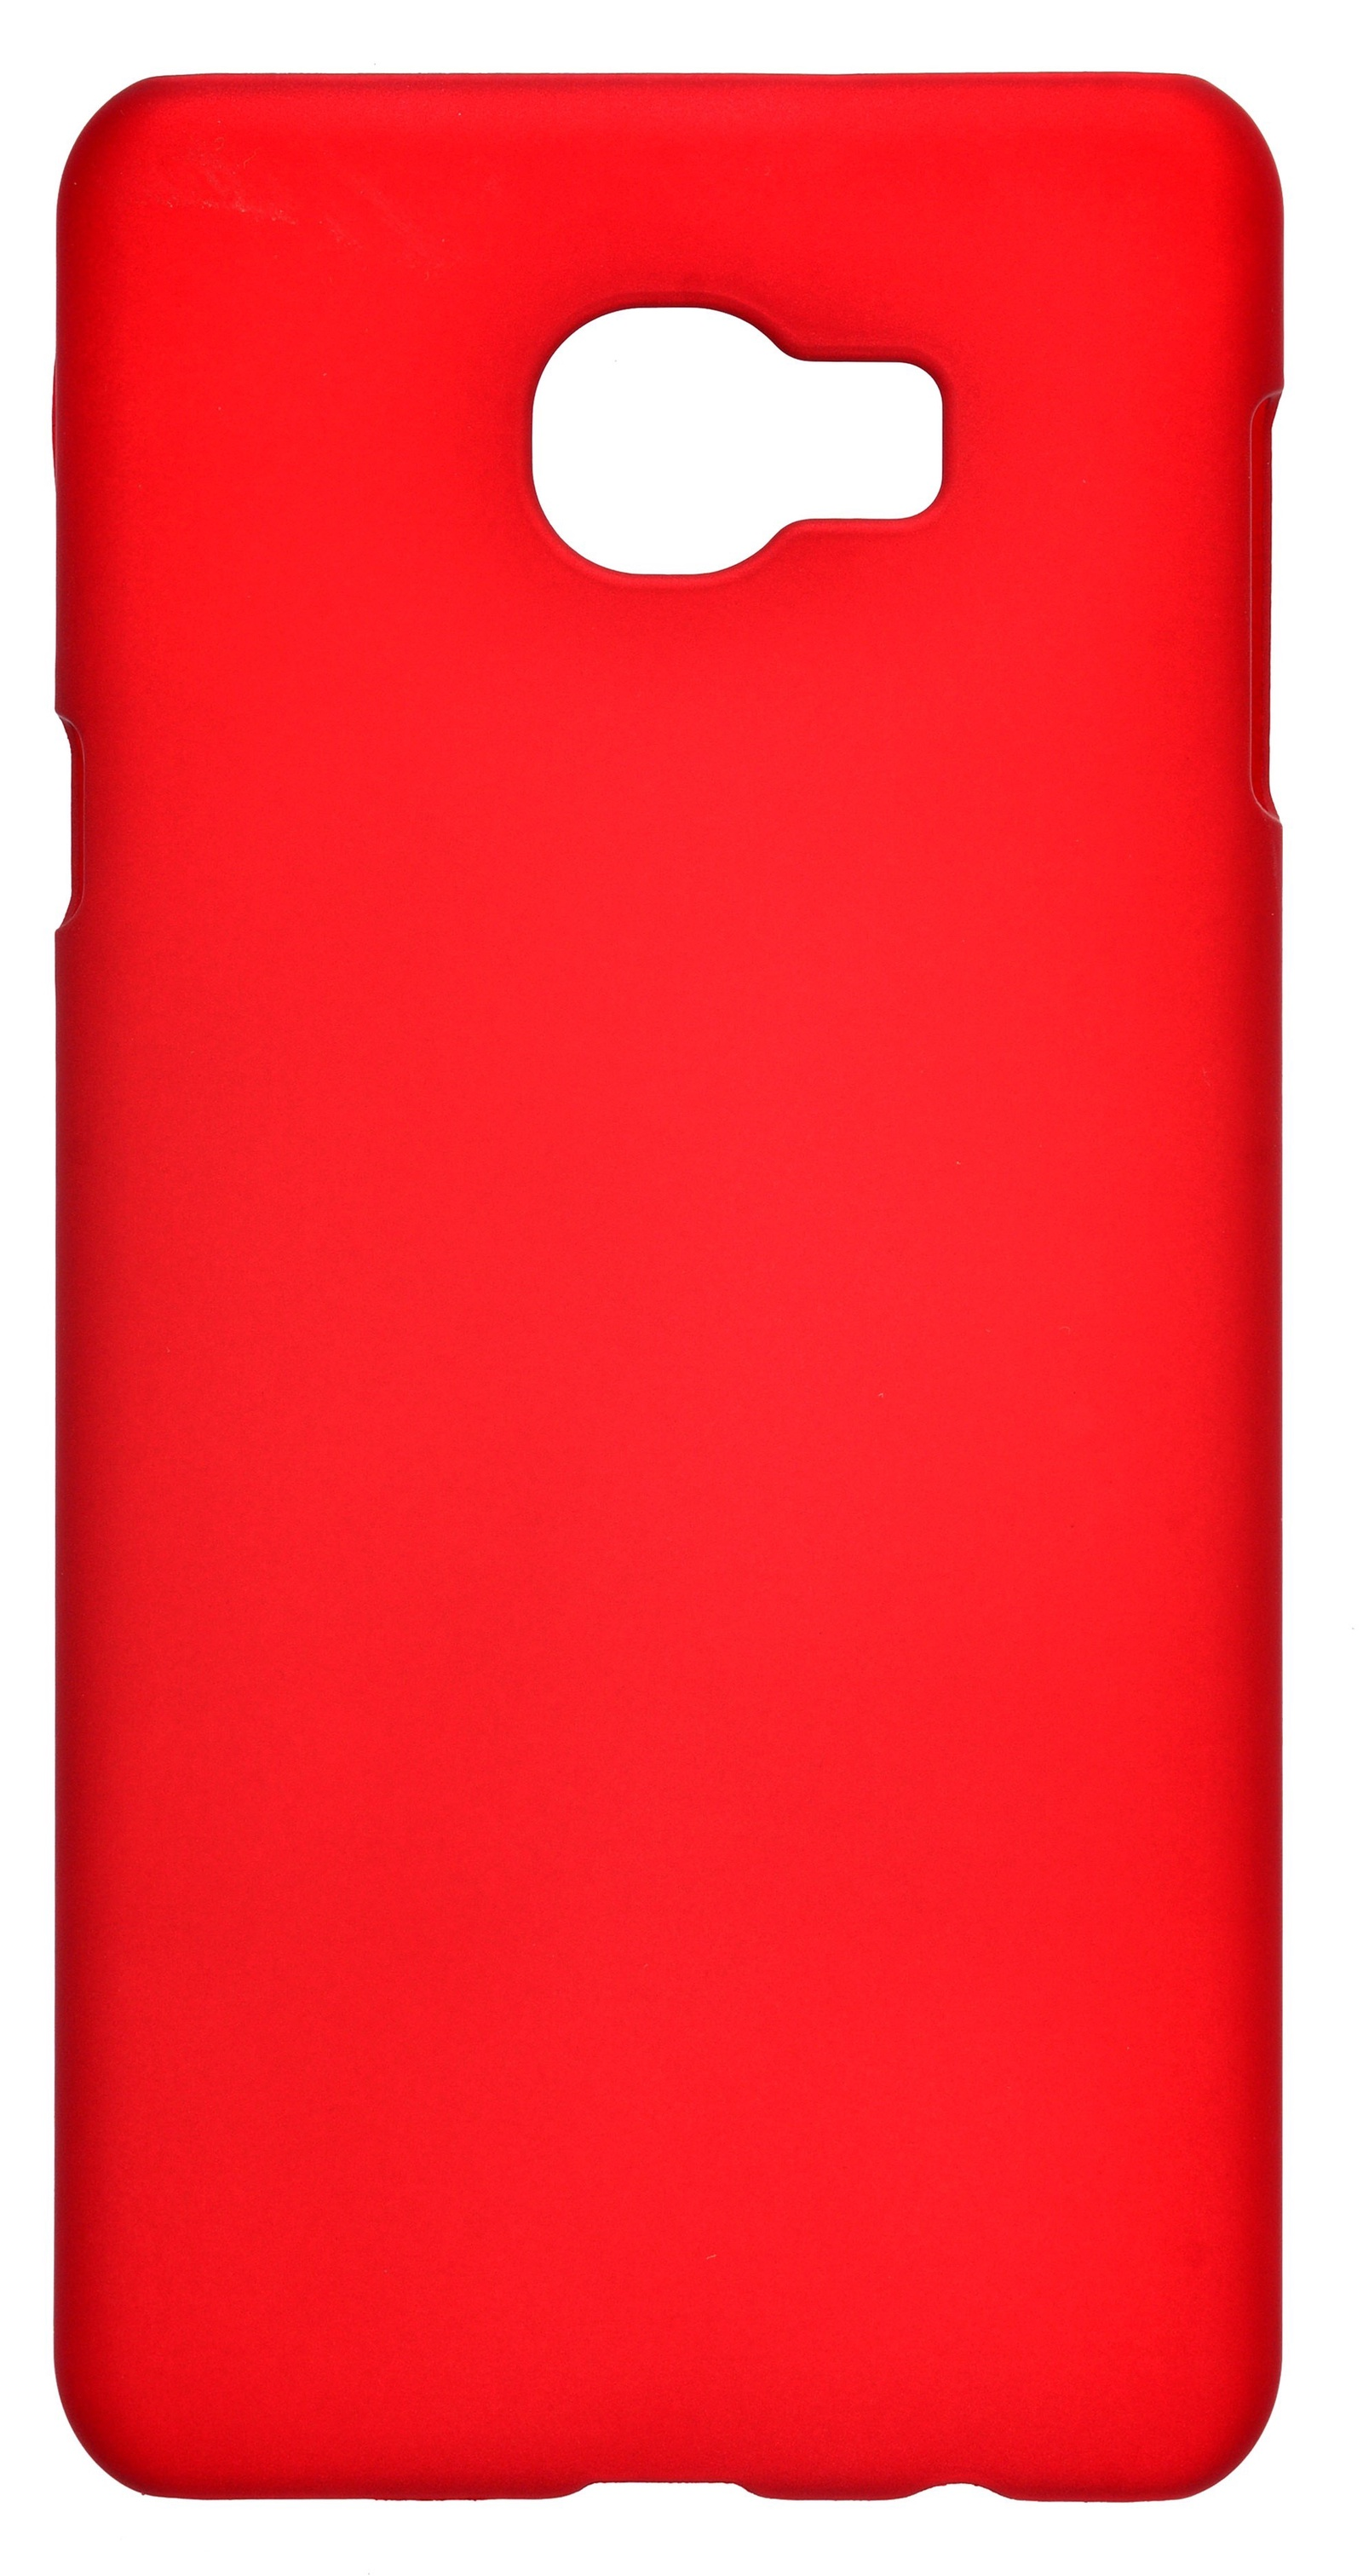 Чехол для сотового телефона skinBOX 4People, 4630042528772, красный стоимость